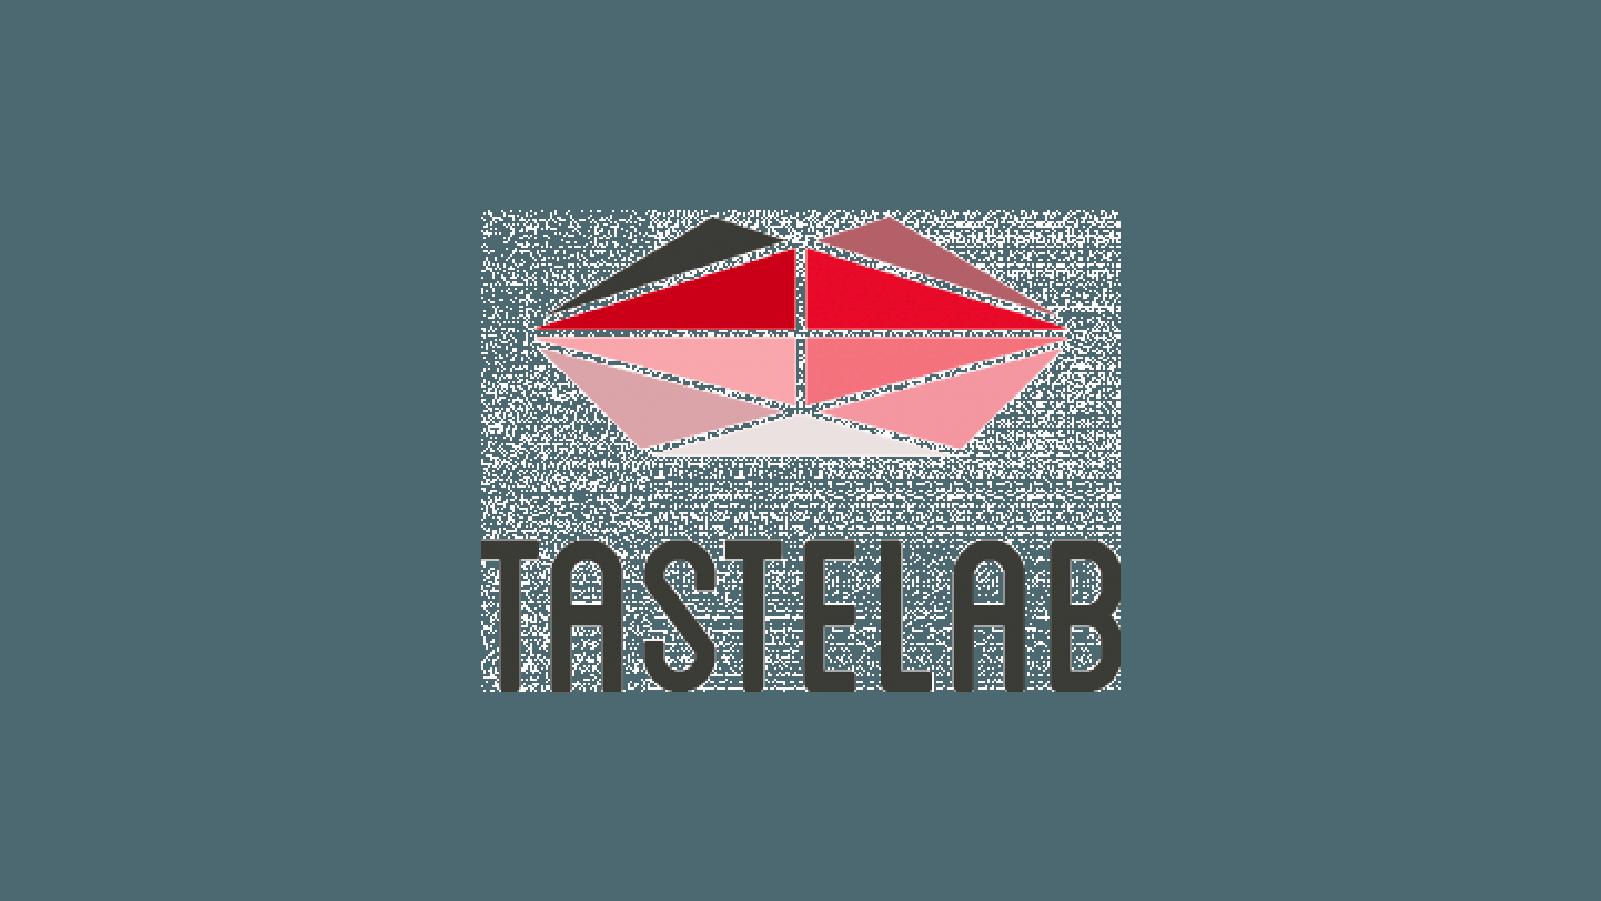 Tastelab